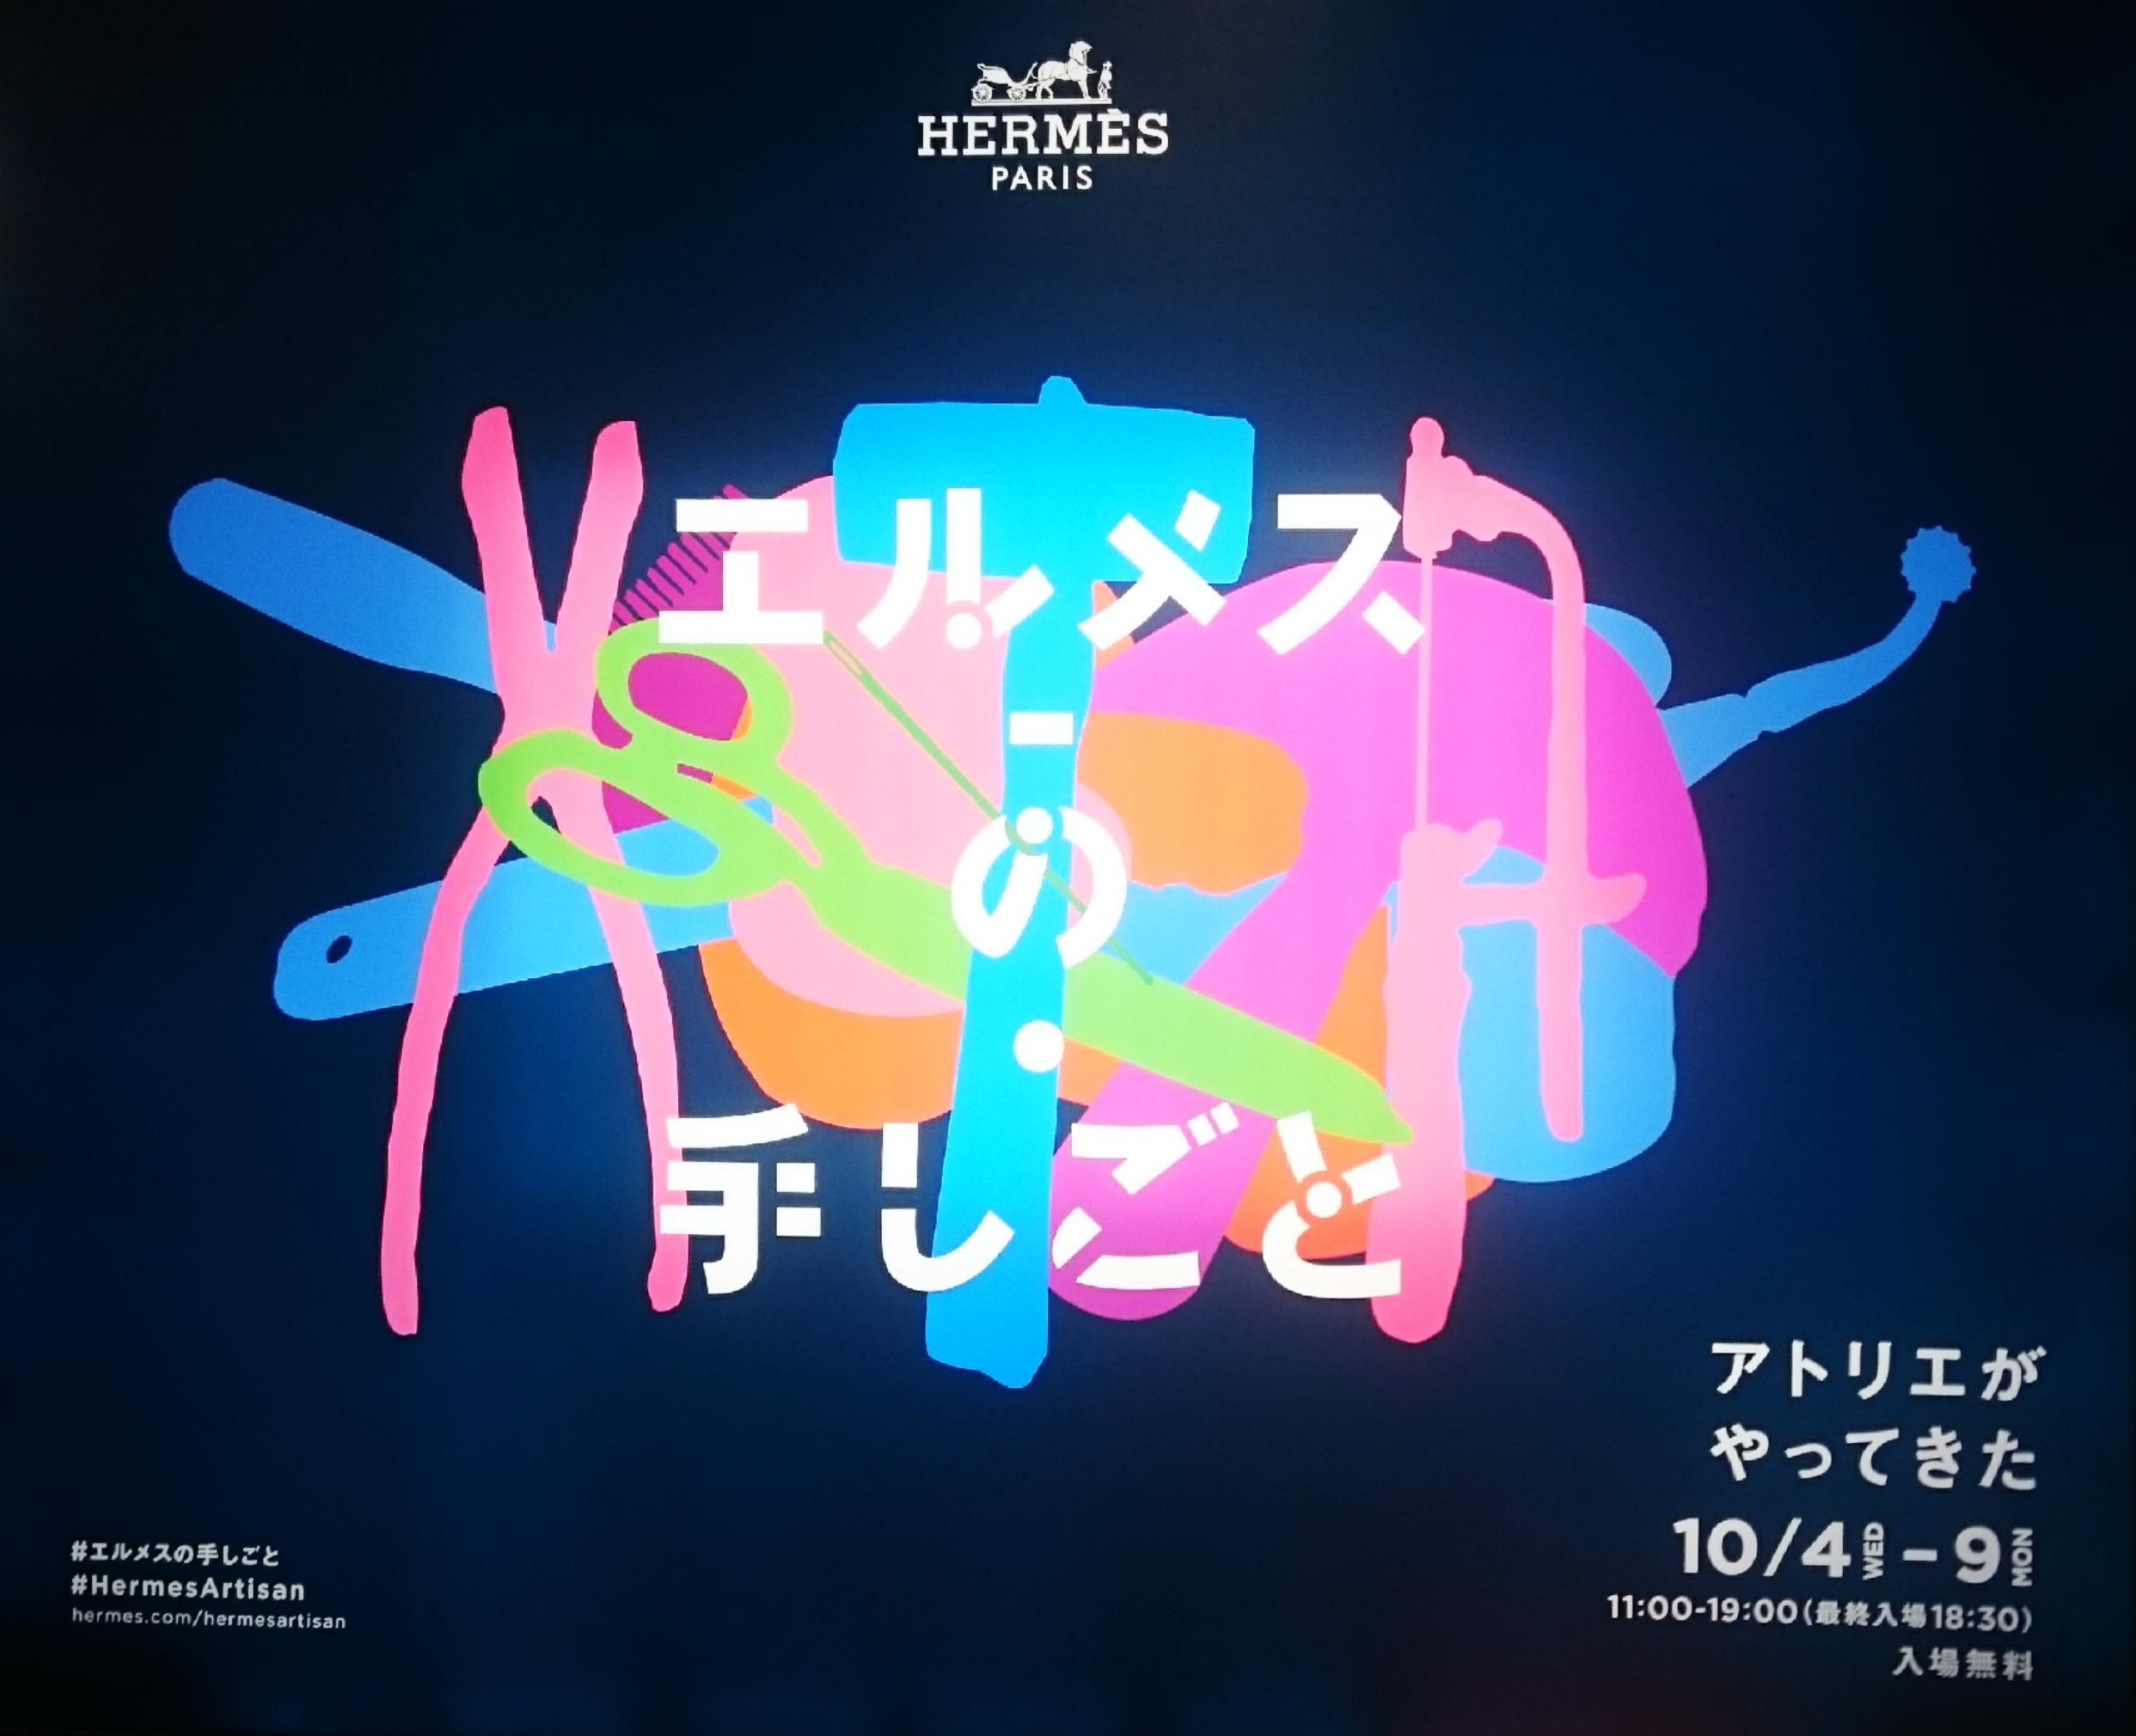 KITTE名古屋で開催中!『エルメスの手しごと展』10/9まで!